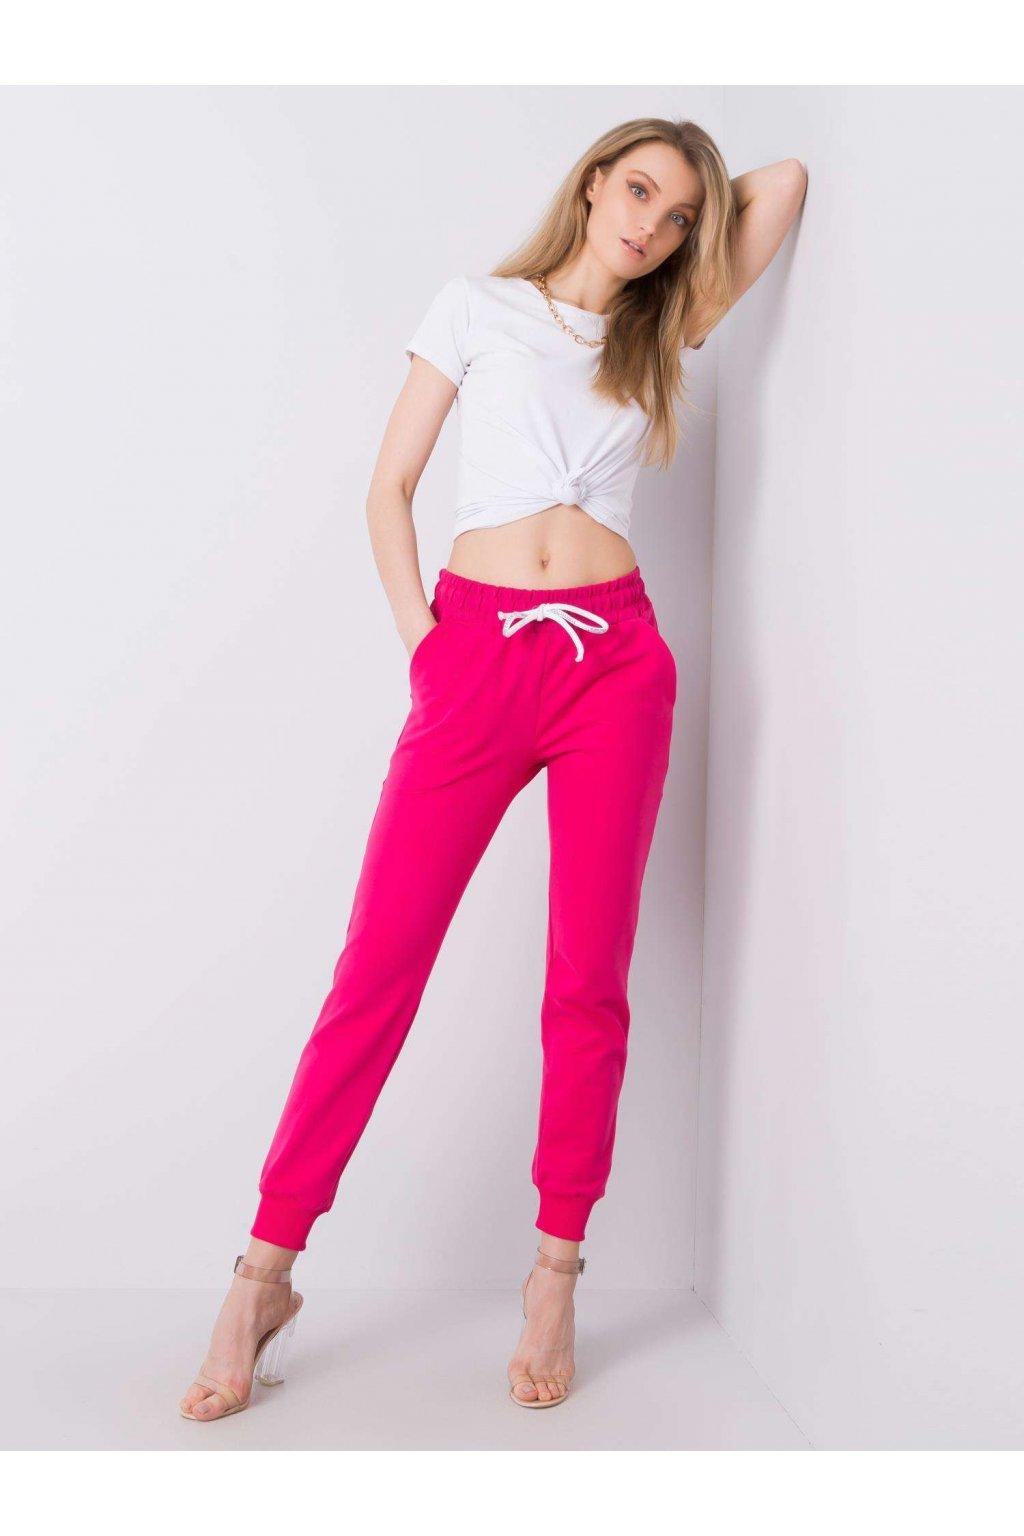 pol pl Rozowe spodnie dresowe Justine 361952 1